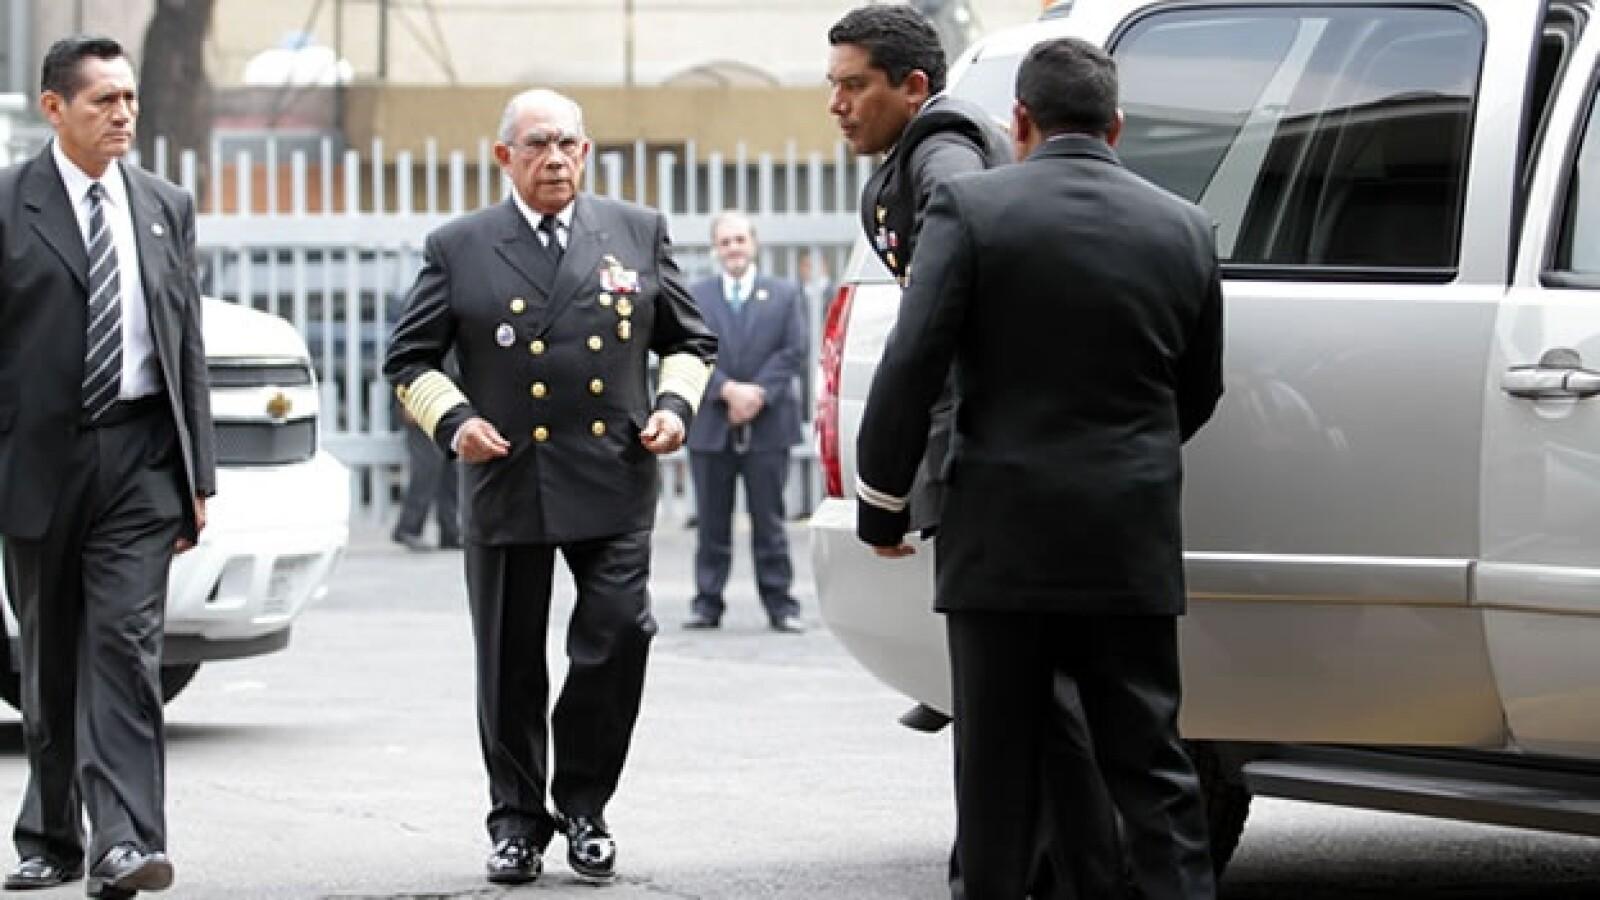 Mariano Saynez